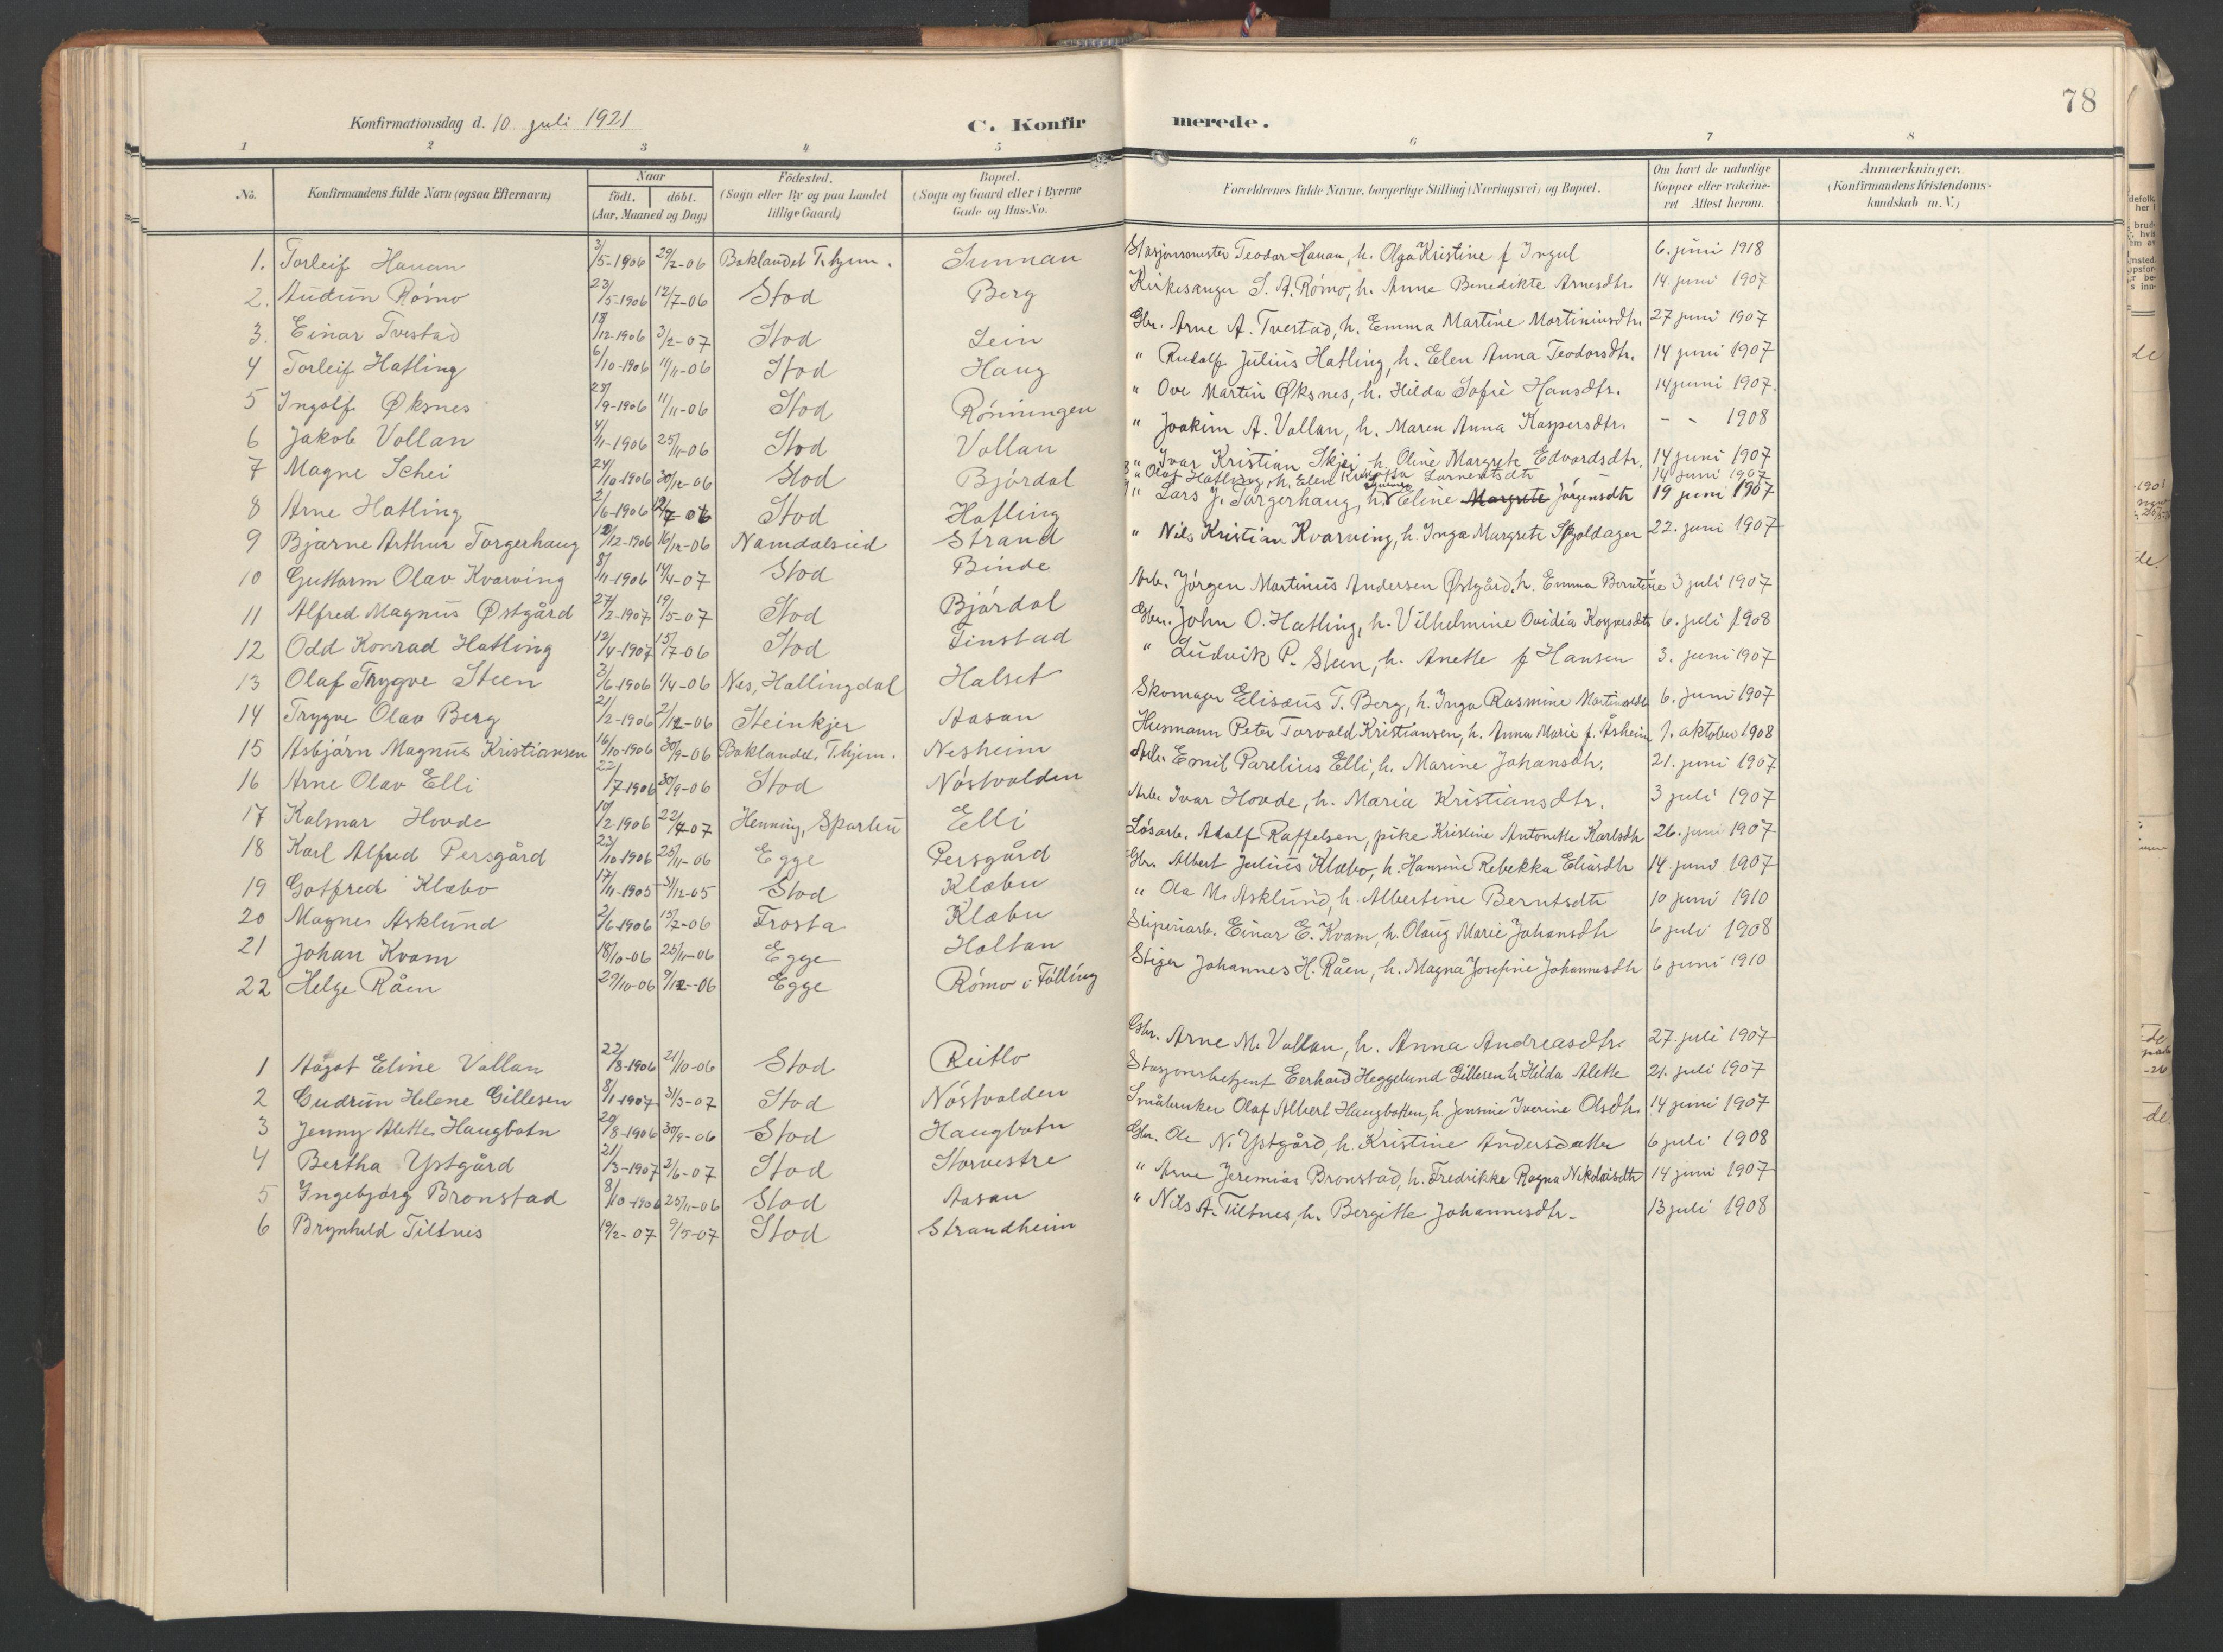 SAT, Ministerialprotokoller, klokkerbøker og fødselsregistre - Nord-Trøndelag, 746/L0455: Klokkerbok nr. 746C01, 1908-1933, s. 78